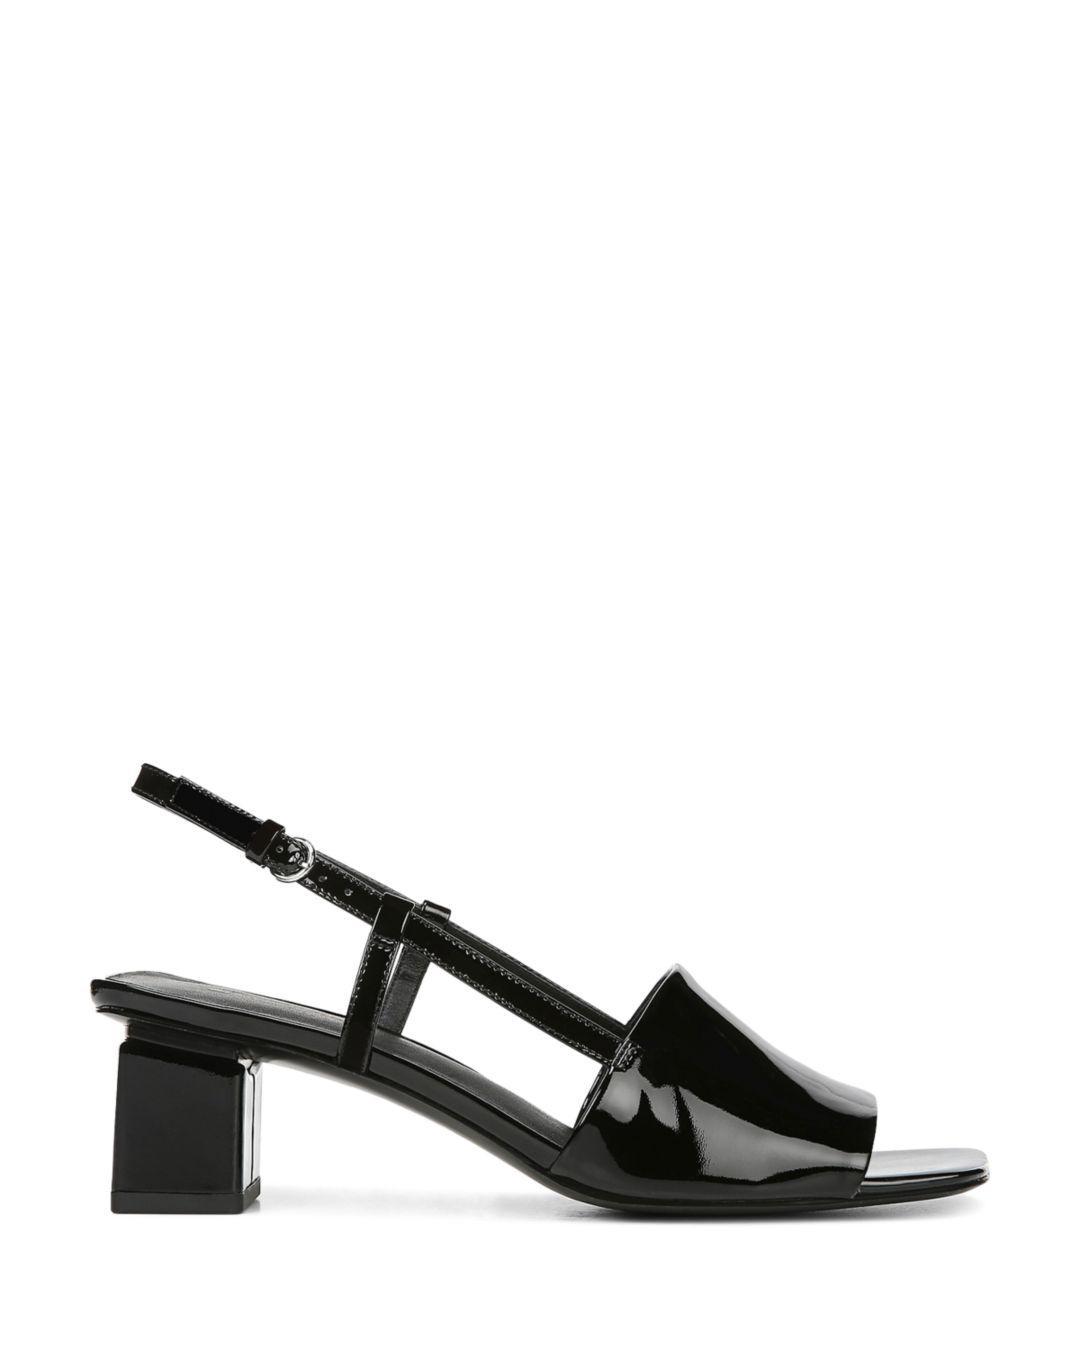 9c6eee0b4800 Lyst - Via Spiga Women s Florian Block Heel Slingback Sandals in Black